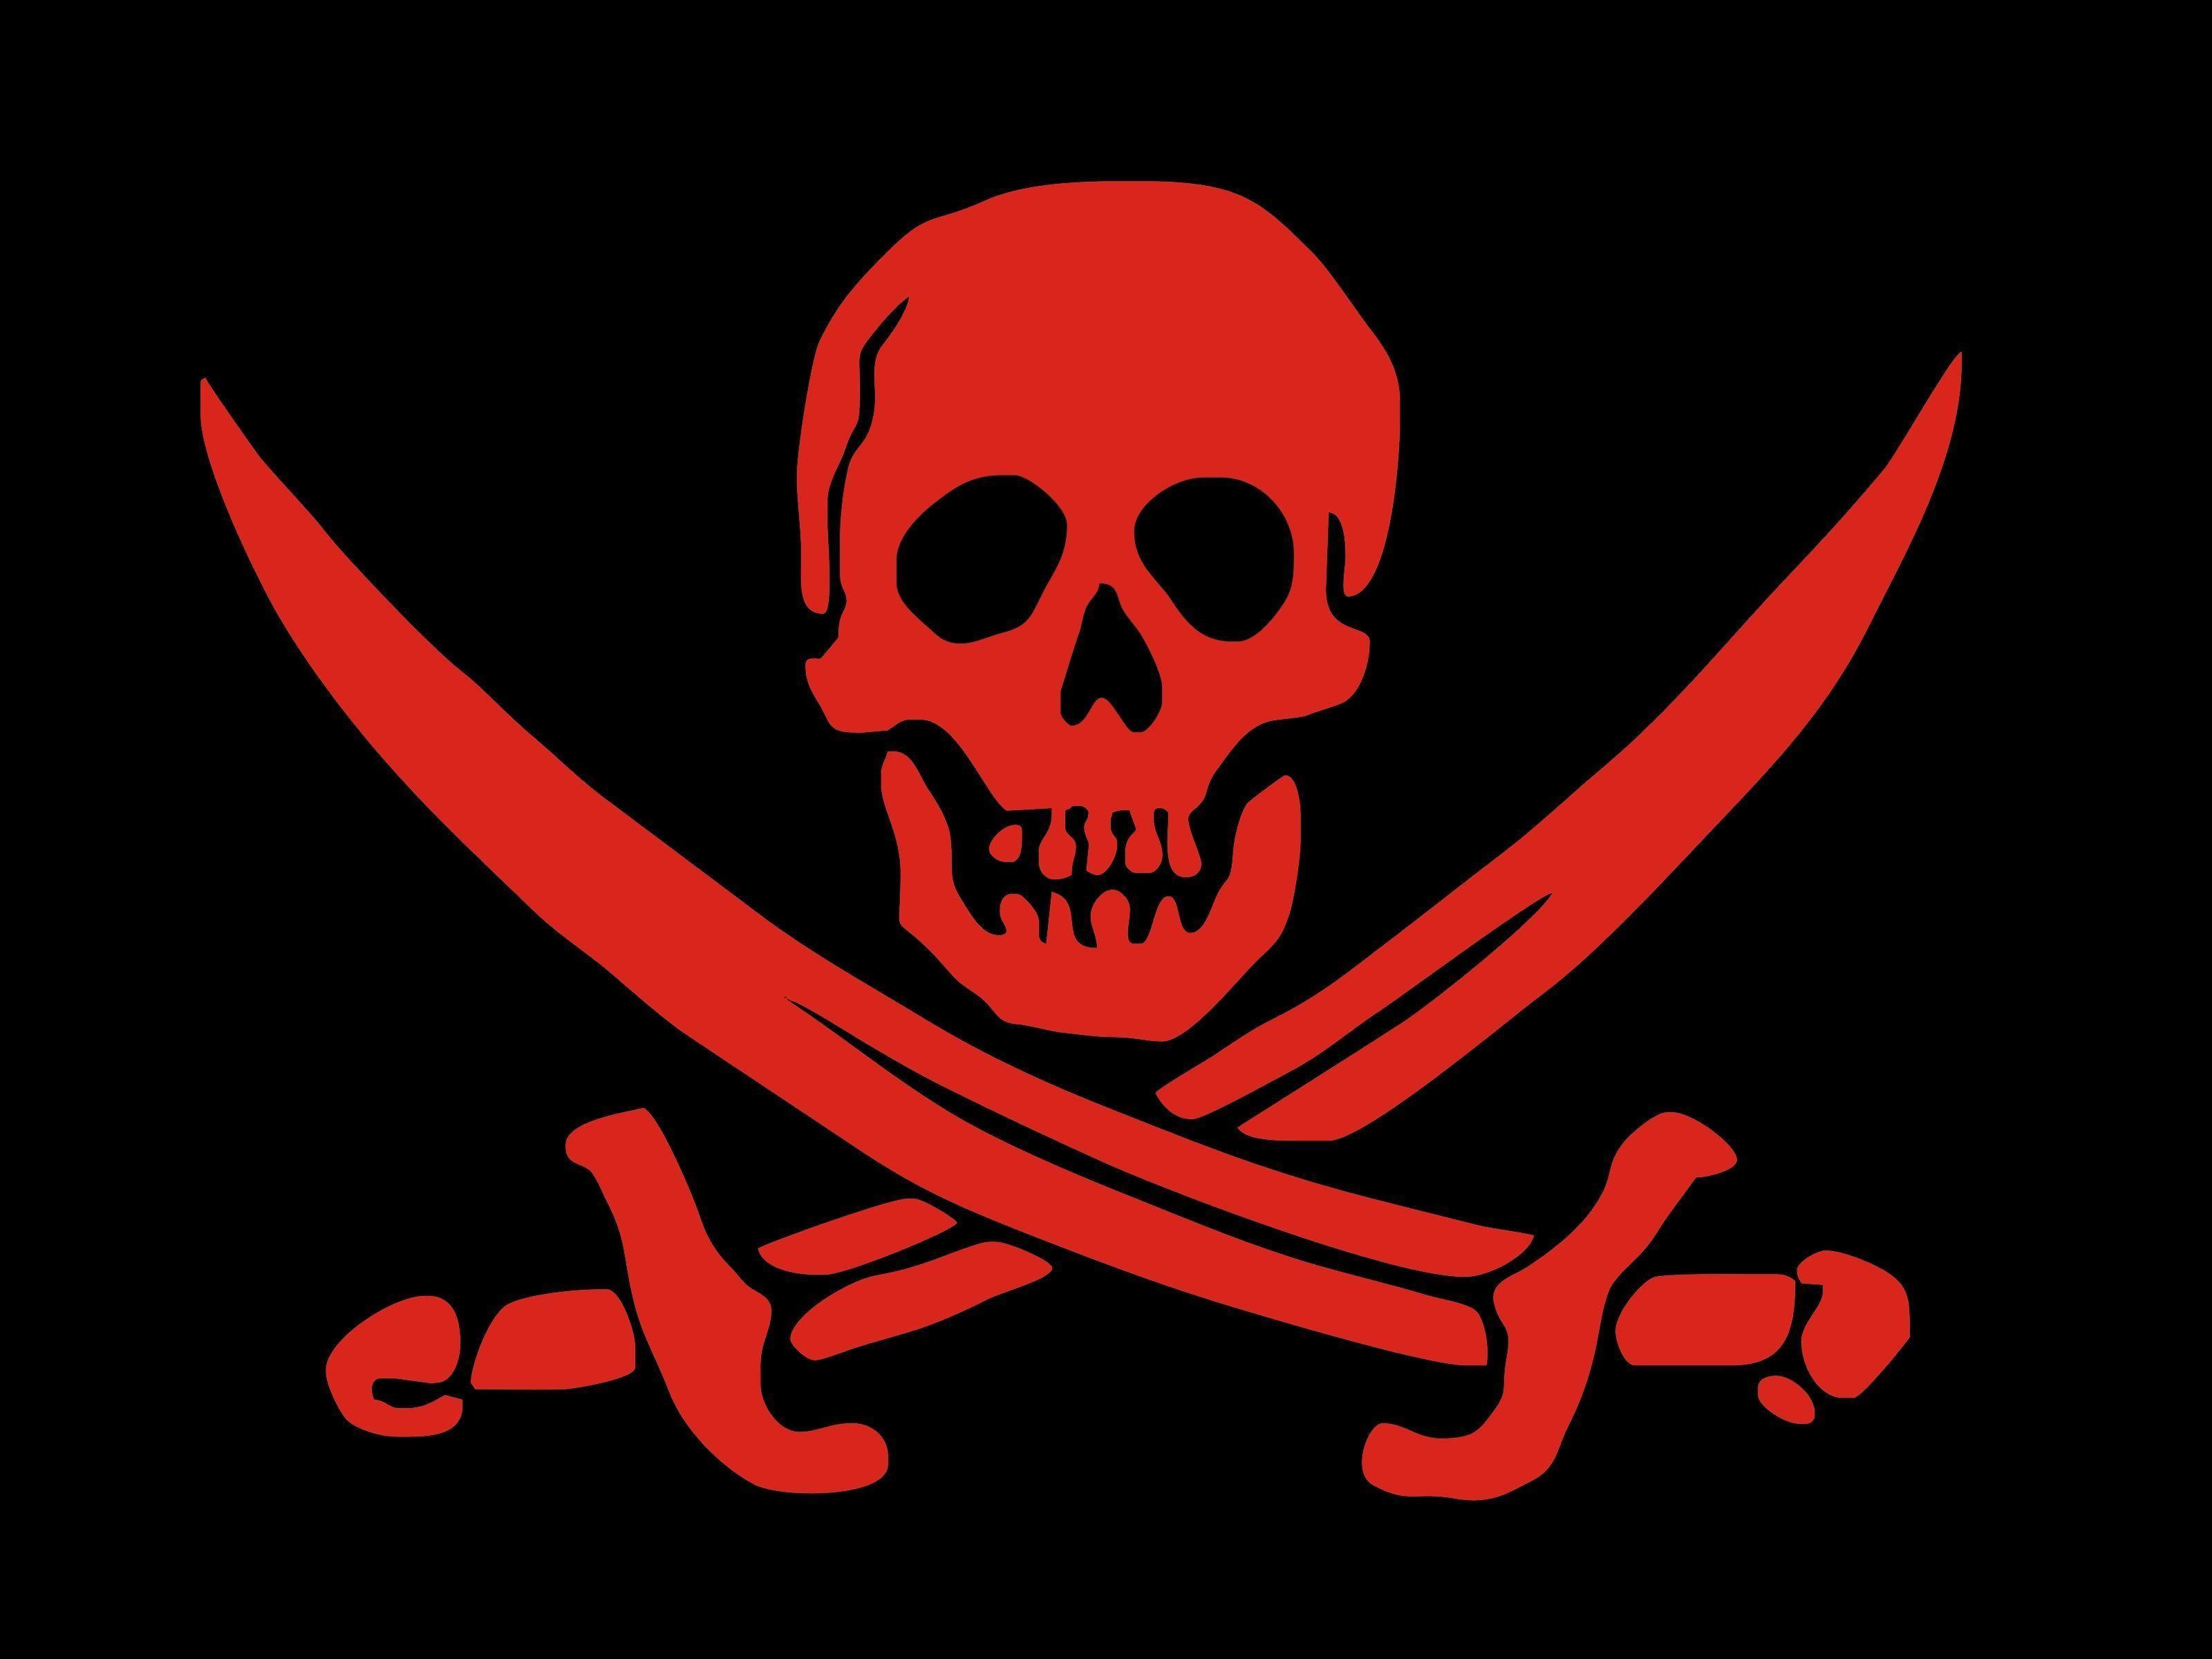 картинка черепа на пиратском флаге карманов все самые